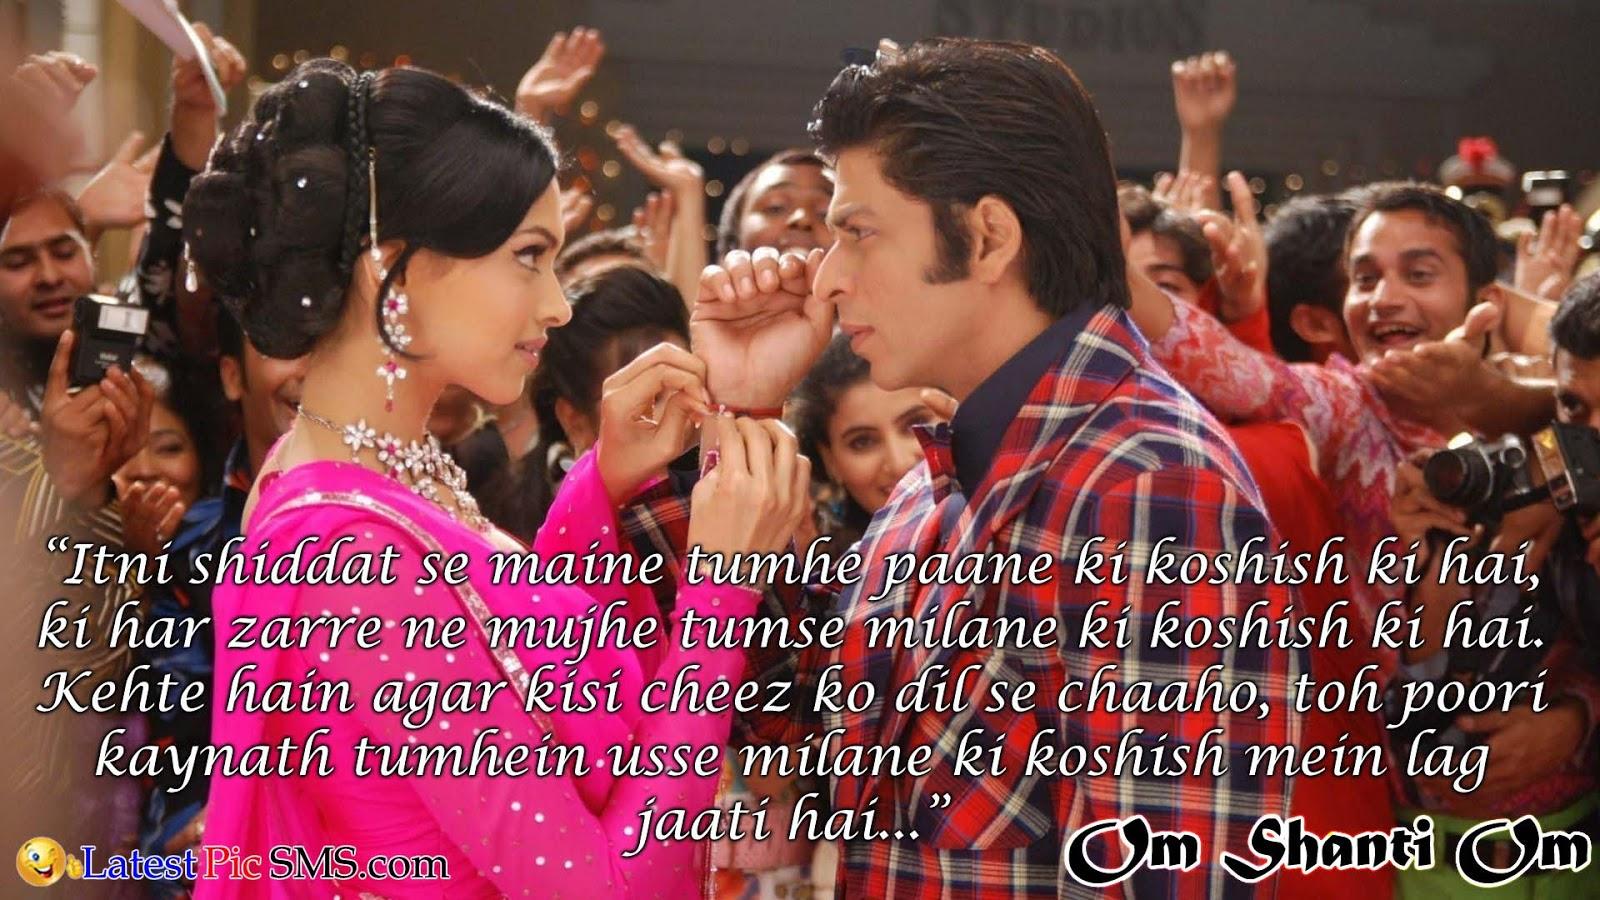 om shanti om Bollywood Dialogues